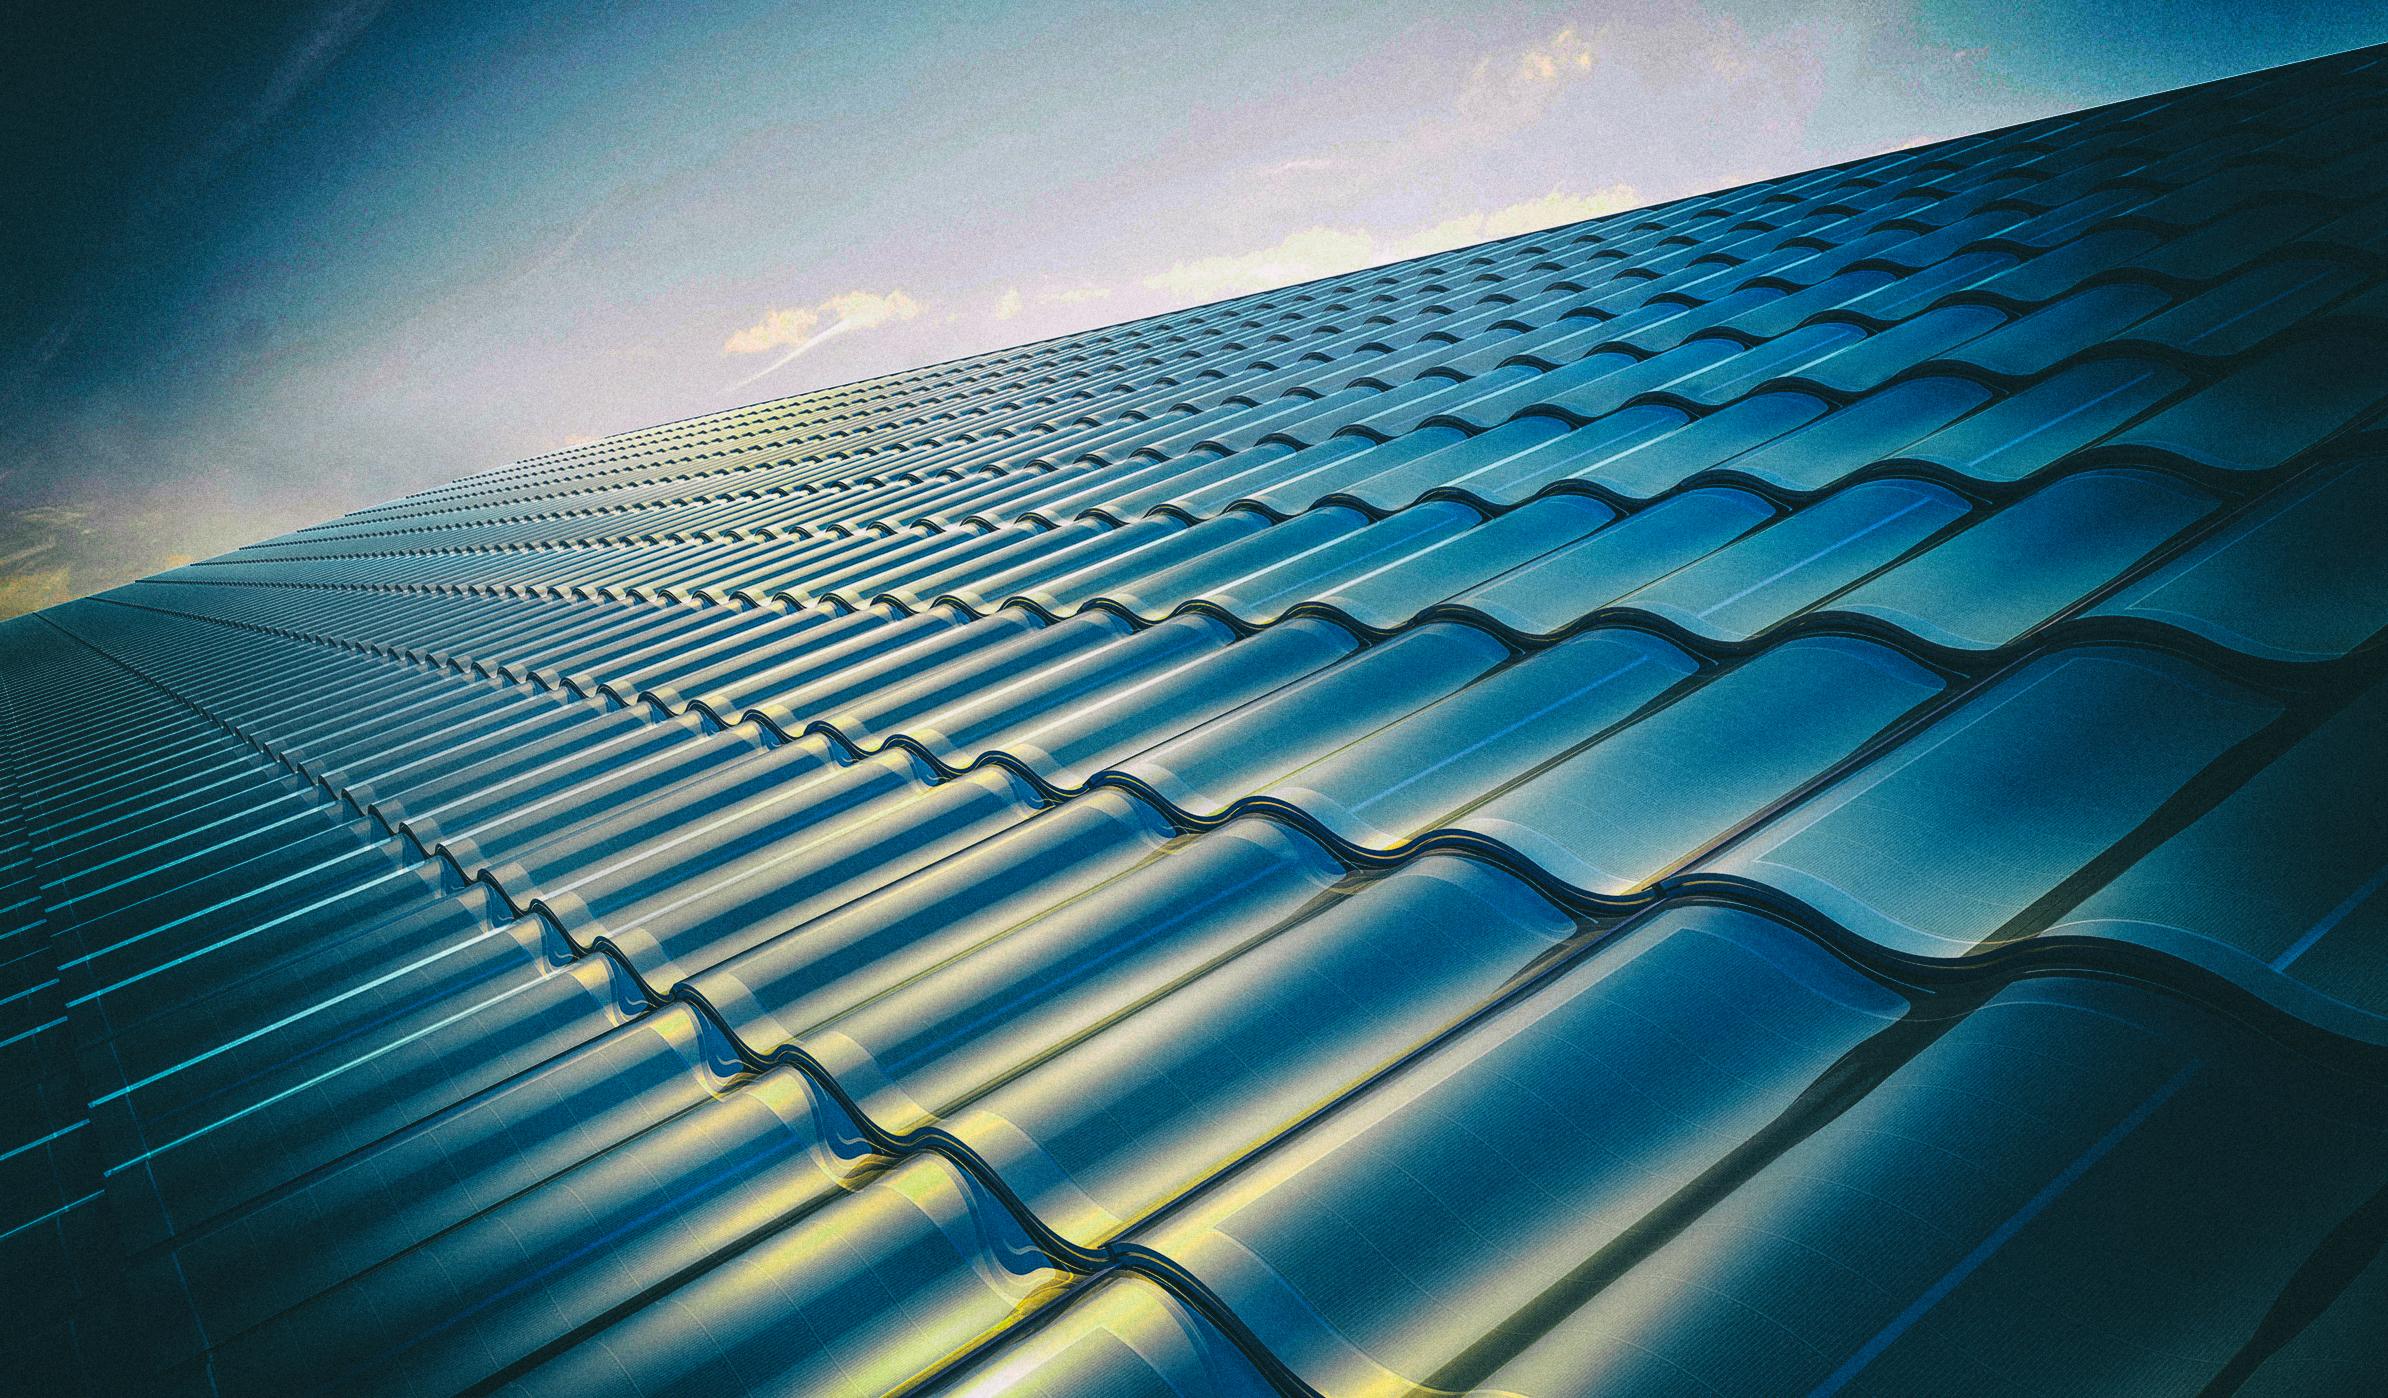 Крыши-хамелеоны, меняющие цвет, позволят экономить энергию и деньги